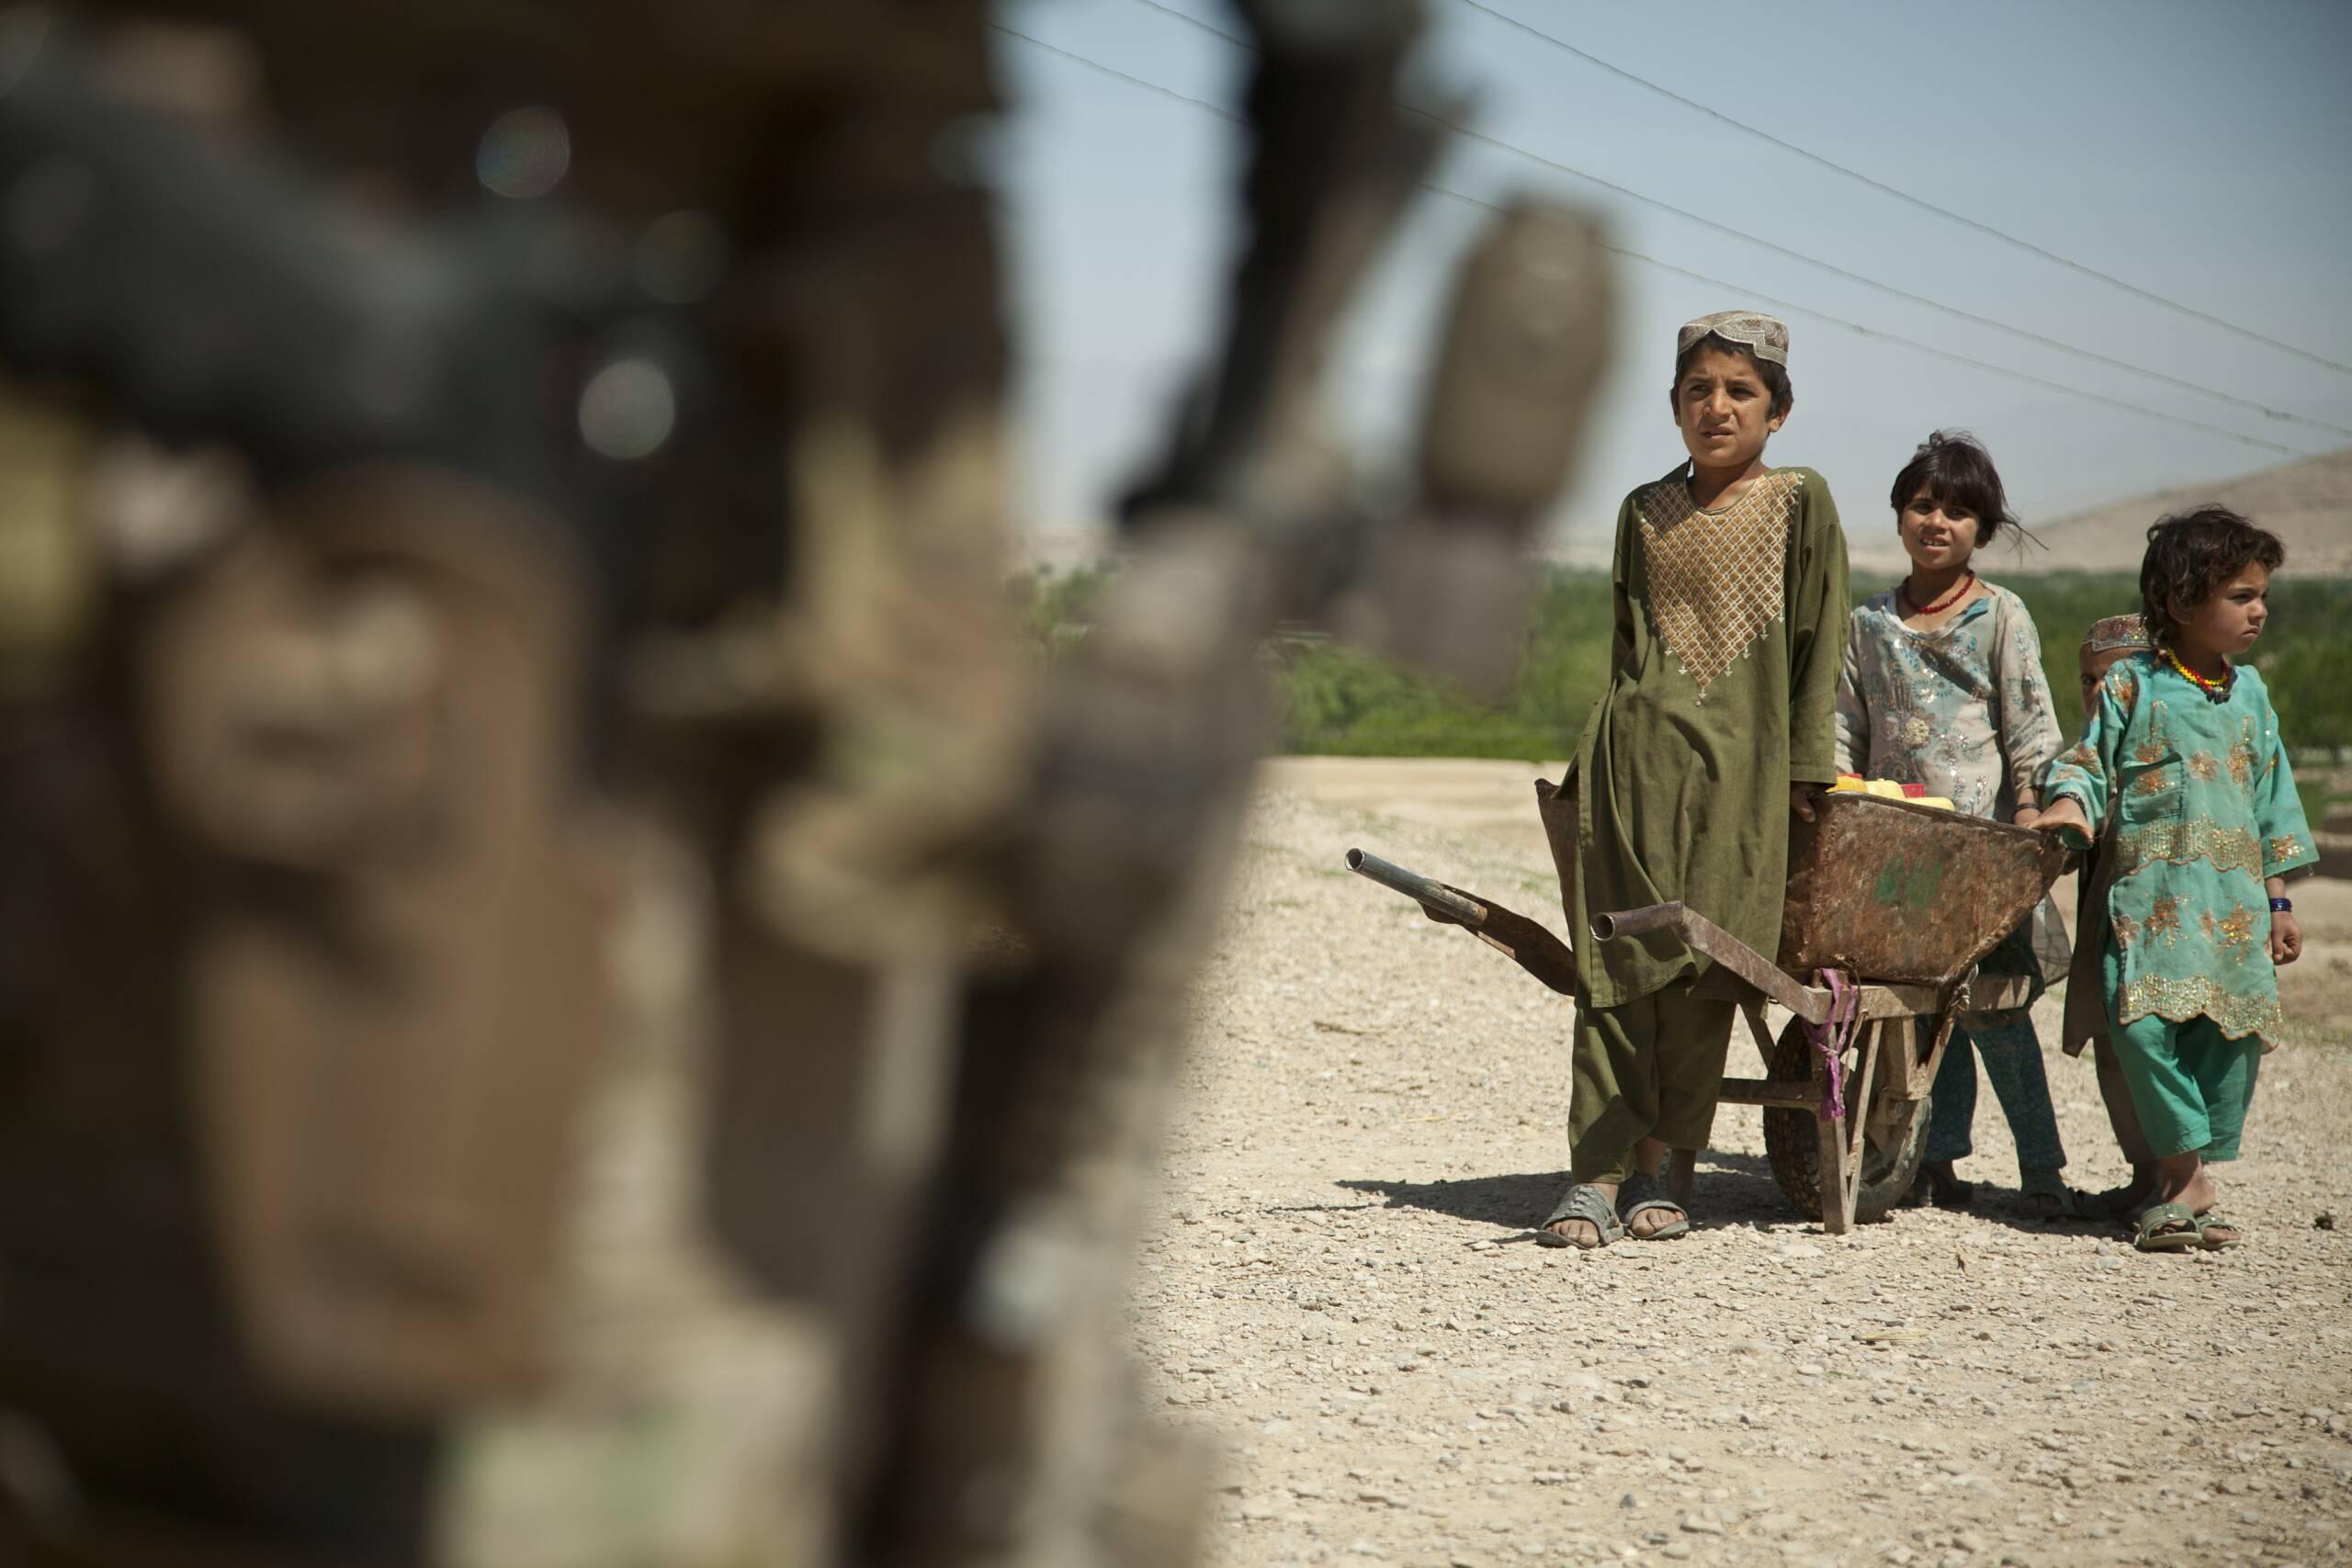 Kinder betrachten einen US-Soldaten auf einem Stützpunkt in Afghanistan